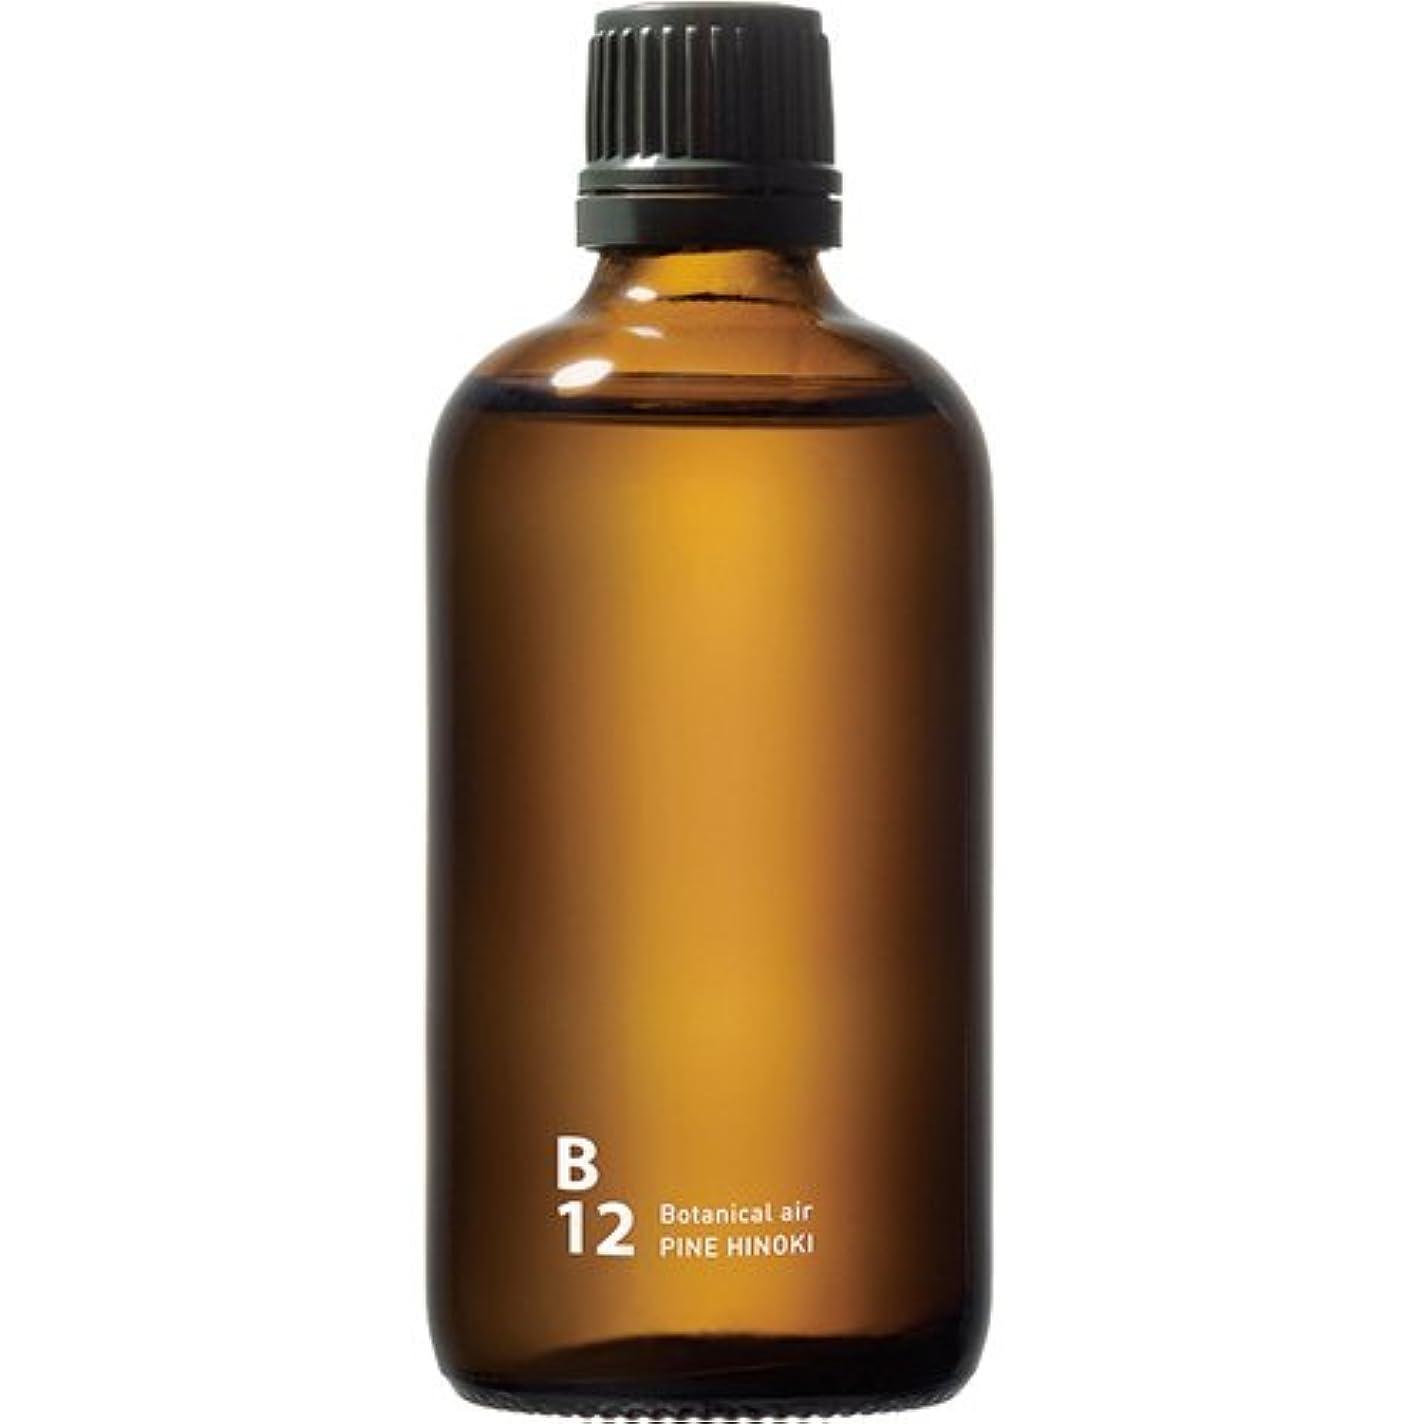 休日補正障害者B12 PINE HINOKI piezo aroma oil 100ml